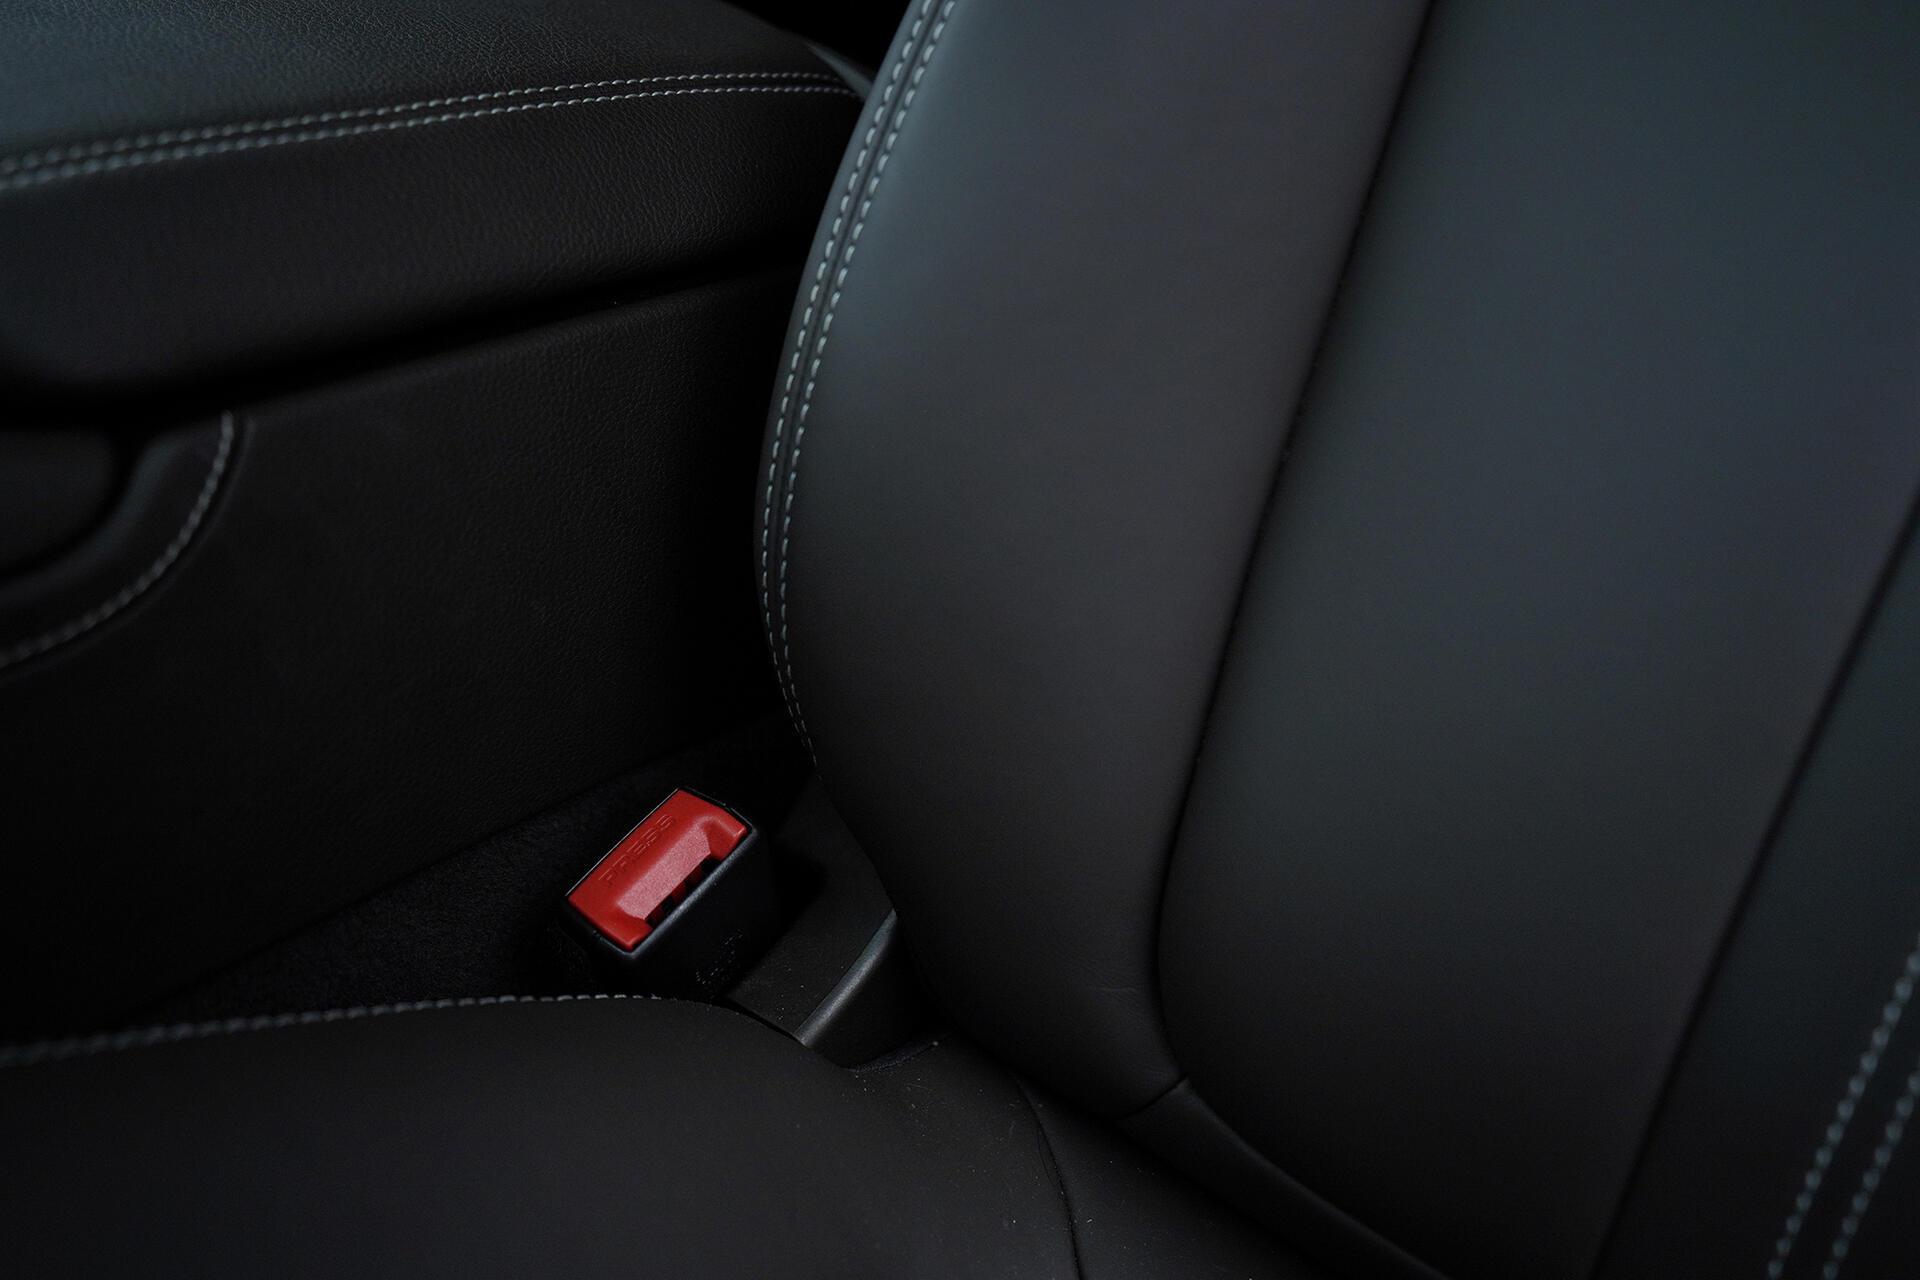 Những mẫu xe khác cái chốt màu đỏ nó sẽ nhô cao lên giúp cho người lái dễ dàng hơn khi cài dây an toàn.